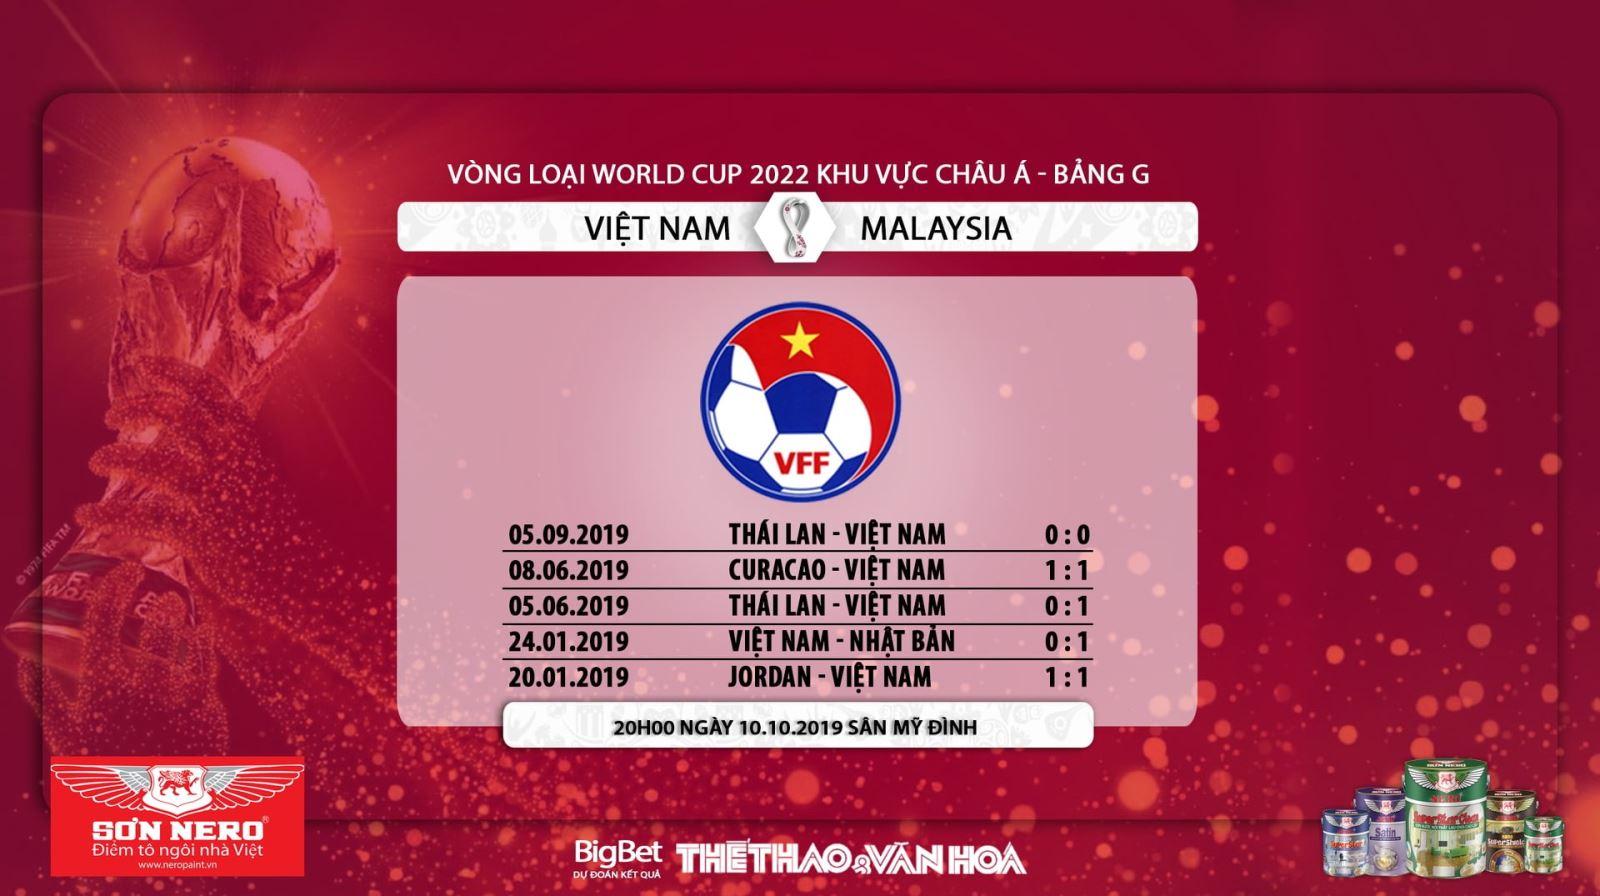 VTV6, VTV5, VTC1, VTC3, VTV6 trực tiếp, VTV6 truc tiep, VTC1 trực tiếp, VTC1 truc tiep, VTC3 trực tiếp, VTC3 truc tiep, trực tiếp bóng đá VTV6, truc tiep bong da VTV6, trực tiếp bóng đá VTC1, truc tiep bong da VTC1, trực tiếp bóng đá VTC3, truc tiep bong da VTC3, xem VTV6, xem VTC1, xem VTC3, xem VTV5